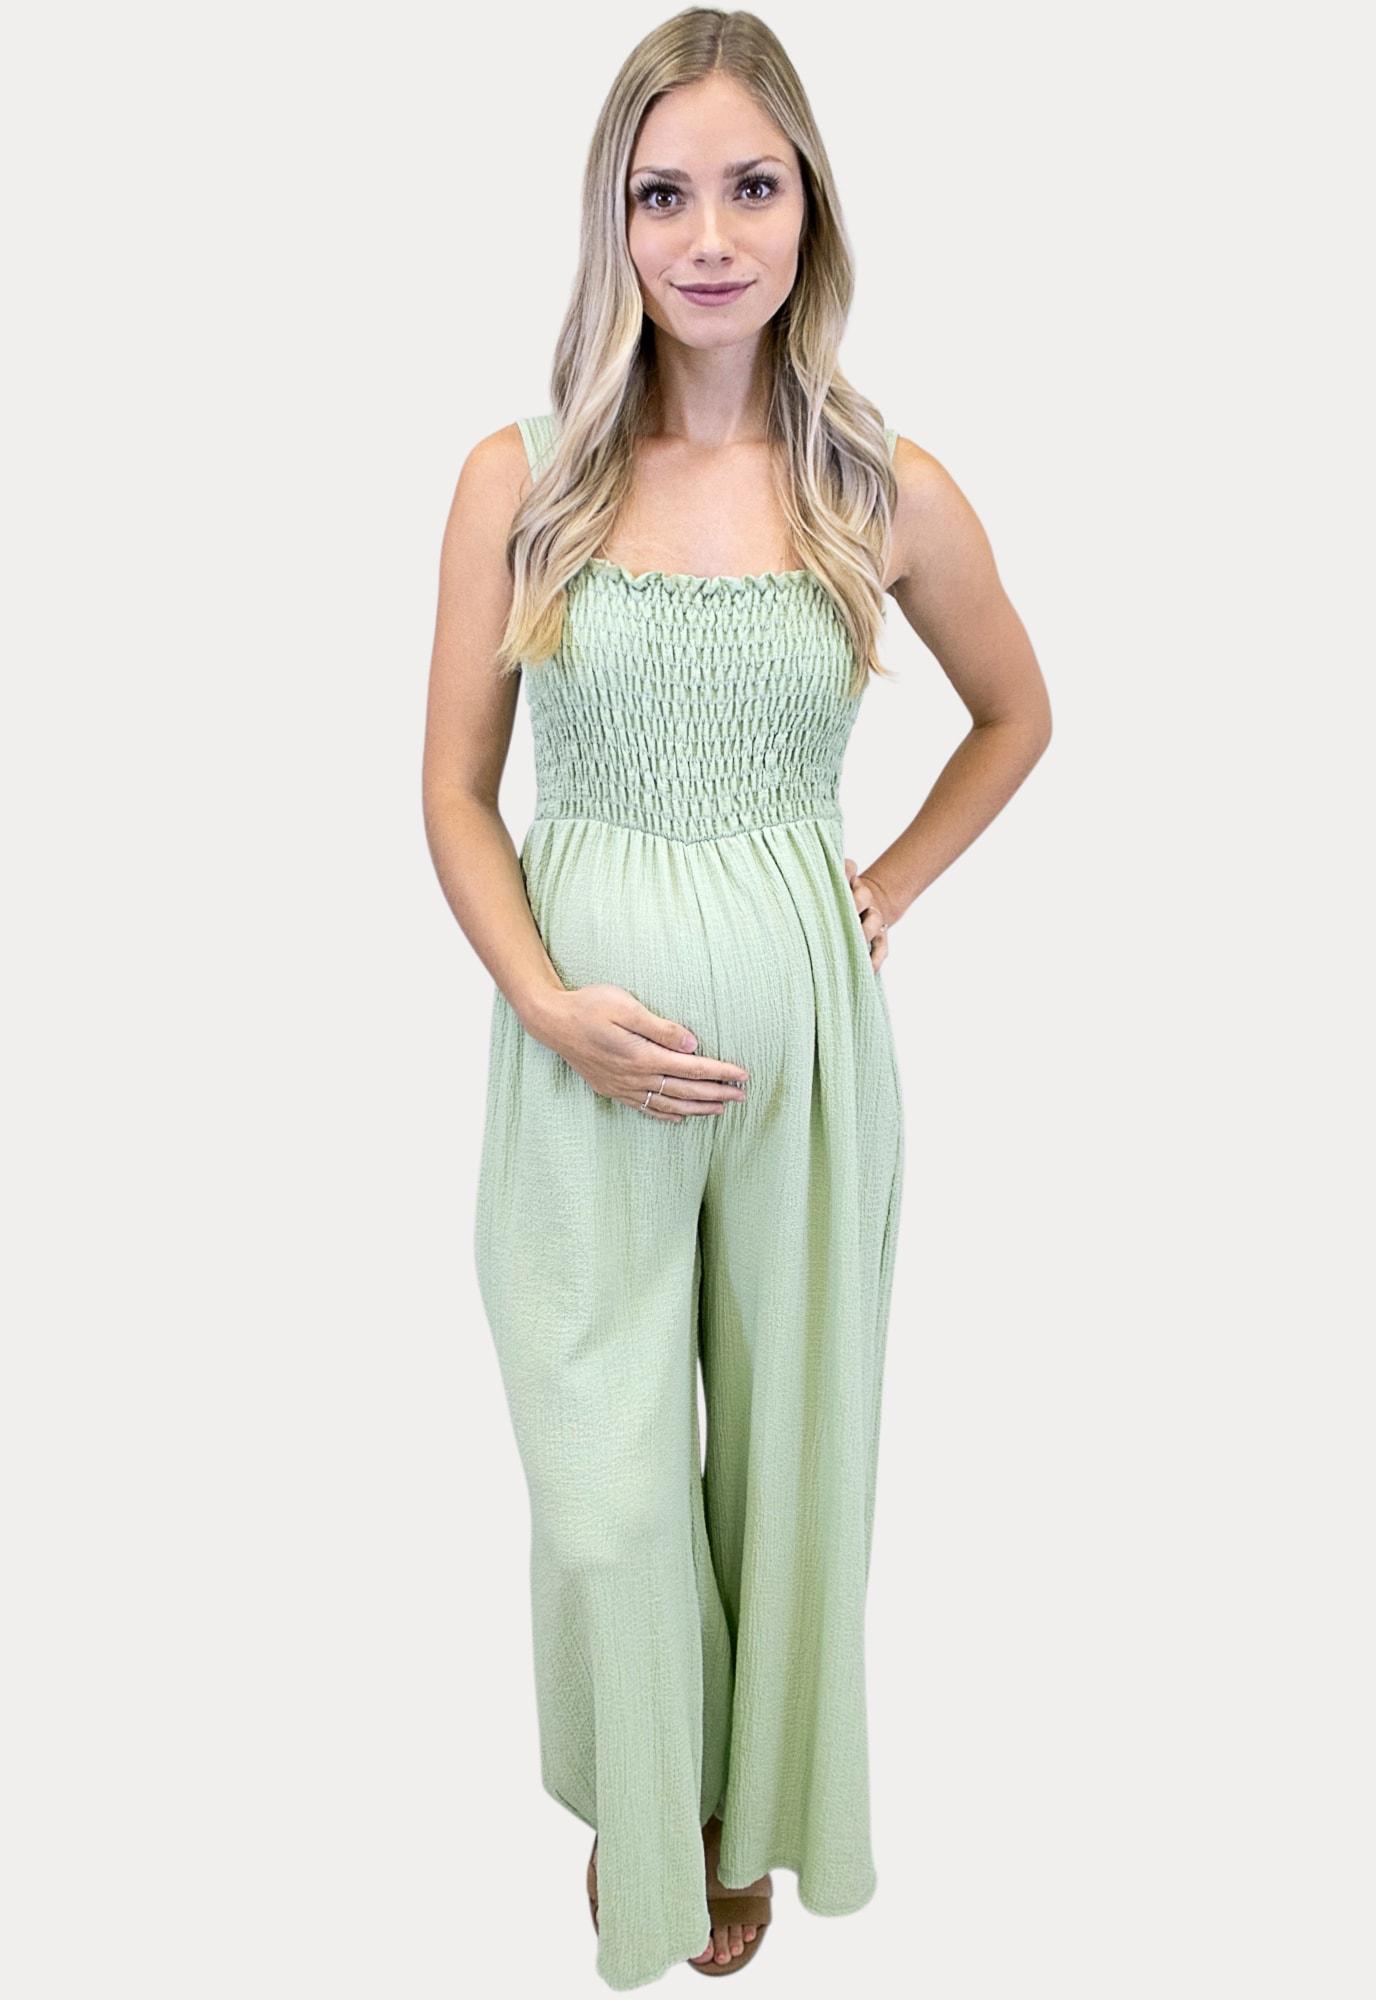 Sleeveless Green Maternity Jumper Sexy Mama Maternity